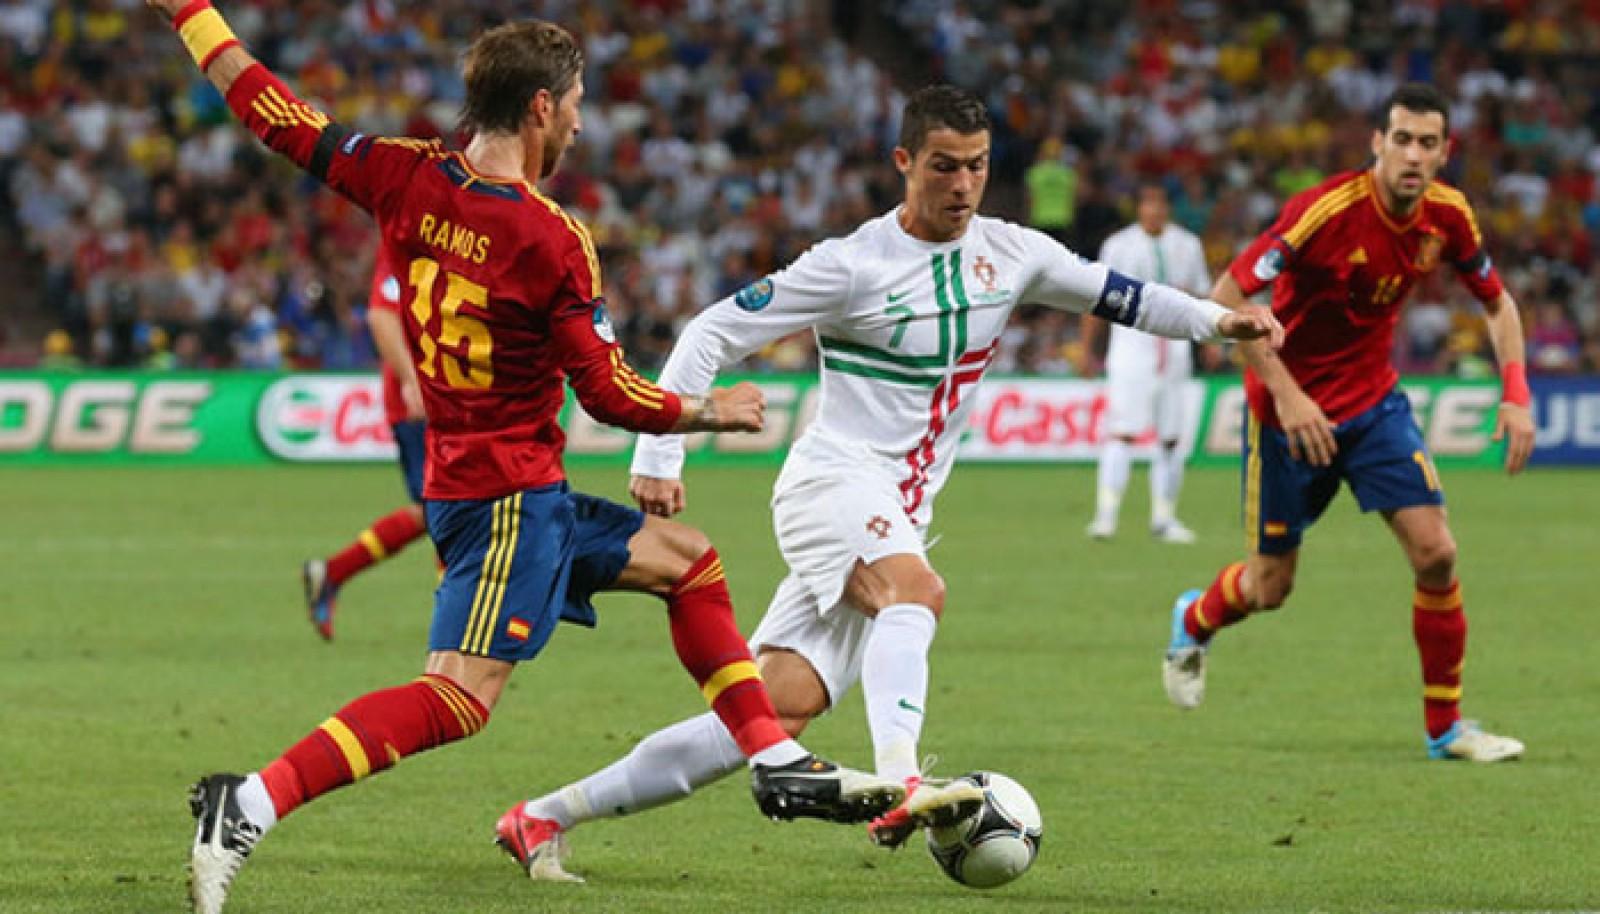 Portugalia - Spania: Cel mai așteptat meci al zilei de la Campionatul Mondial se va juca la Soci